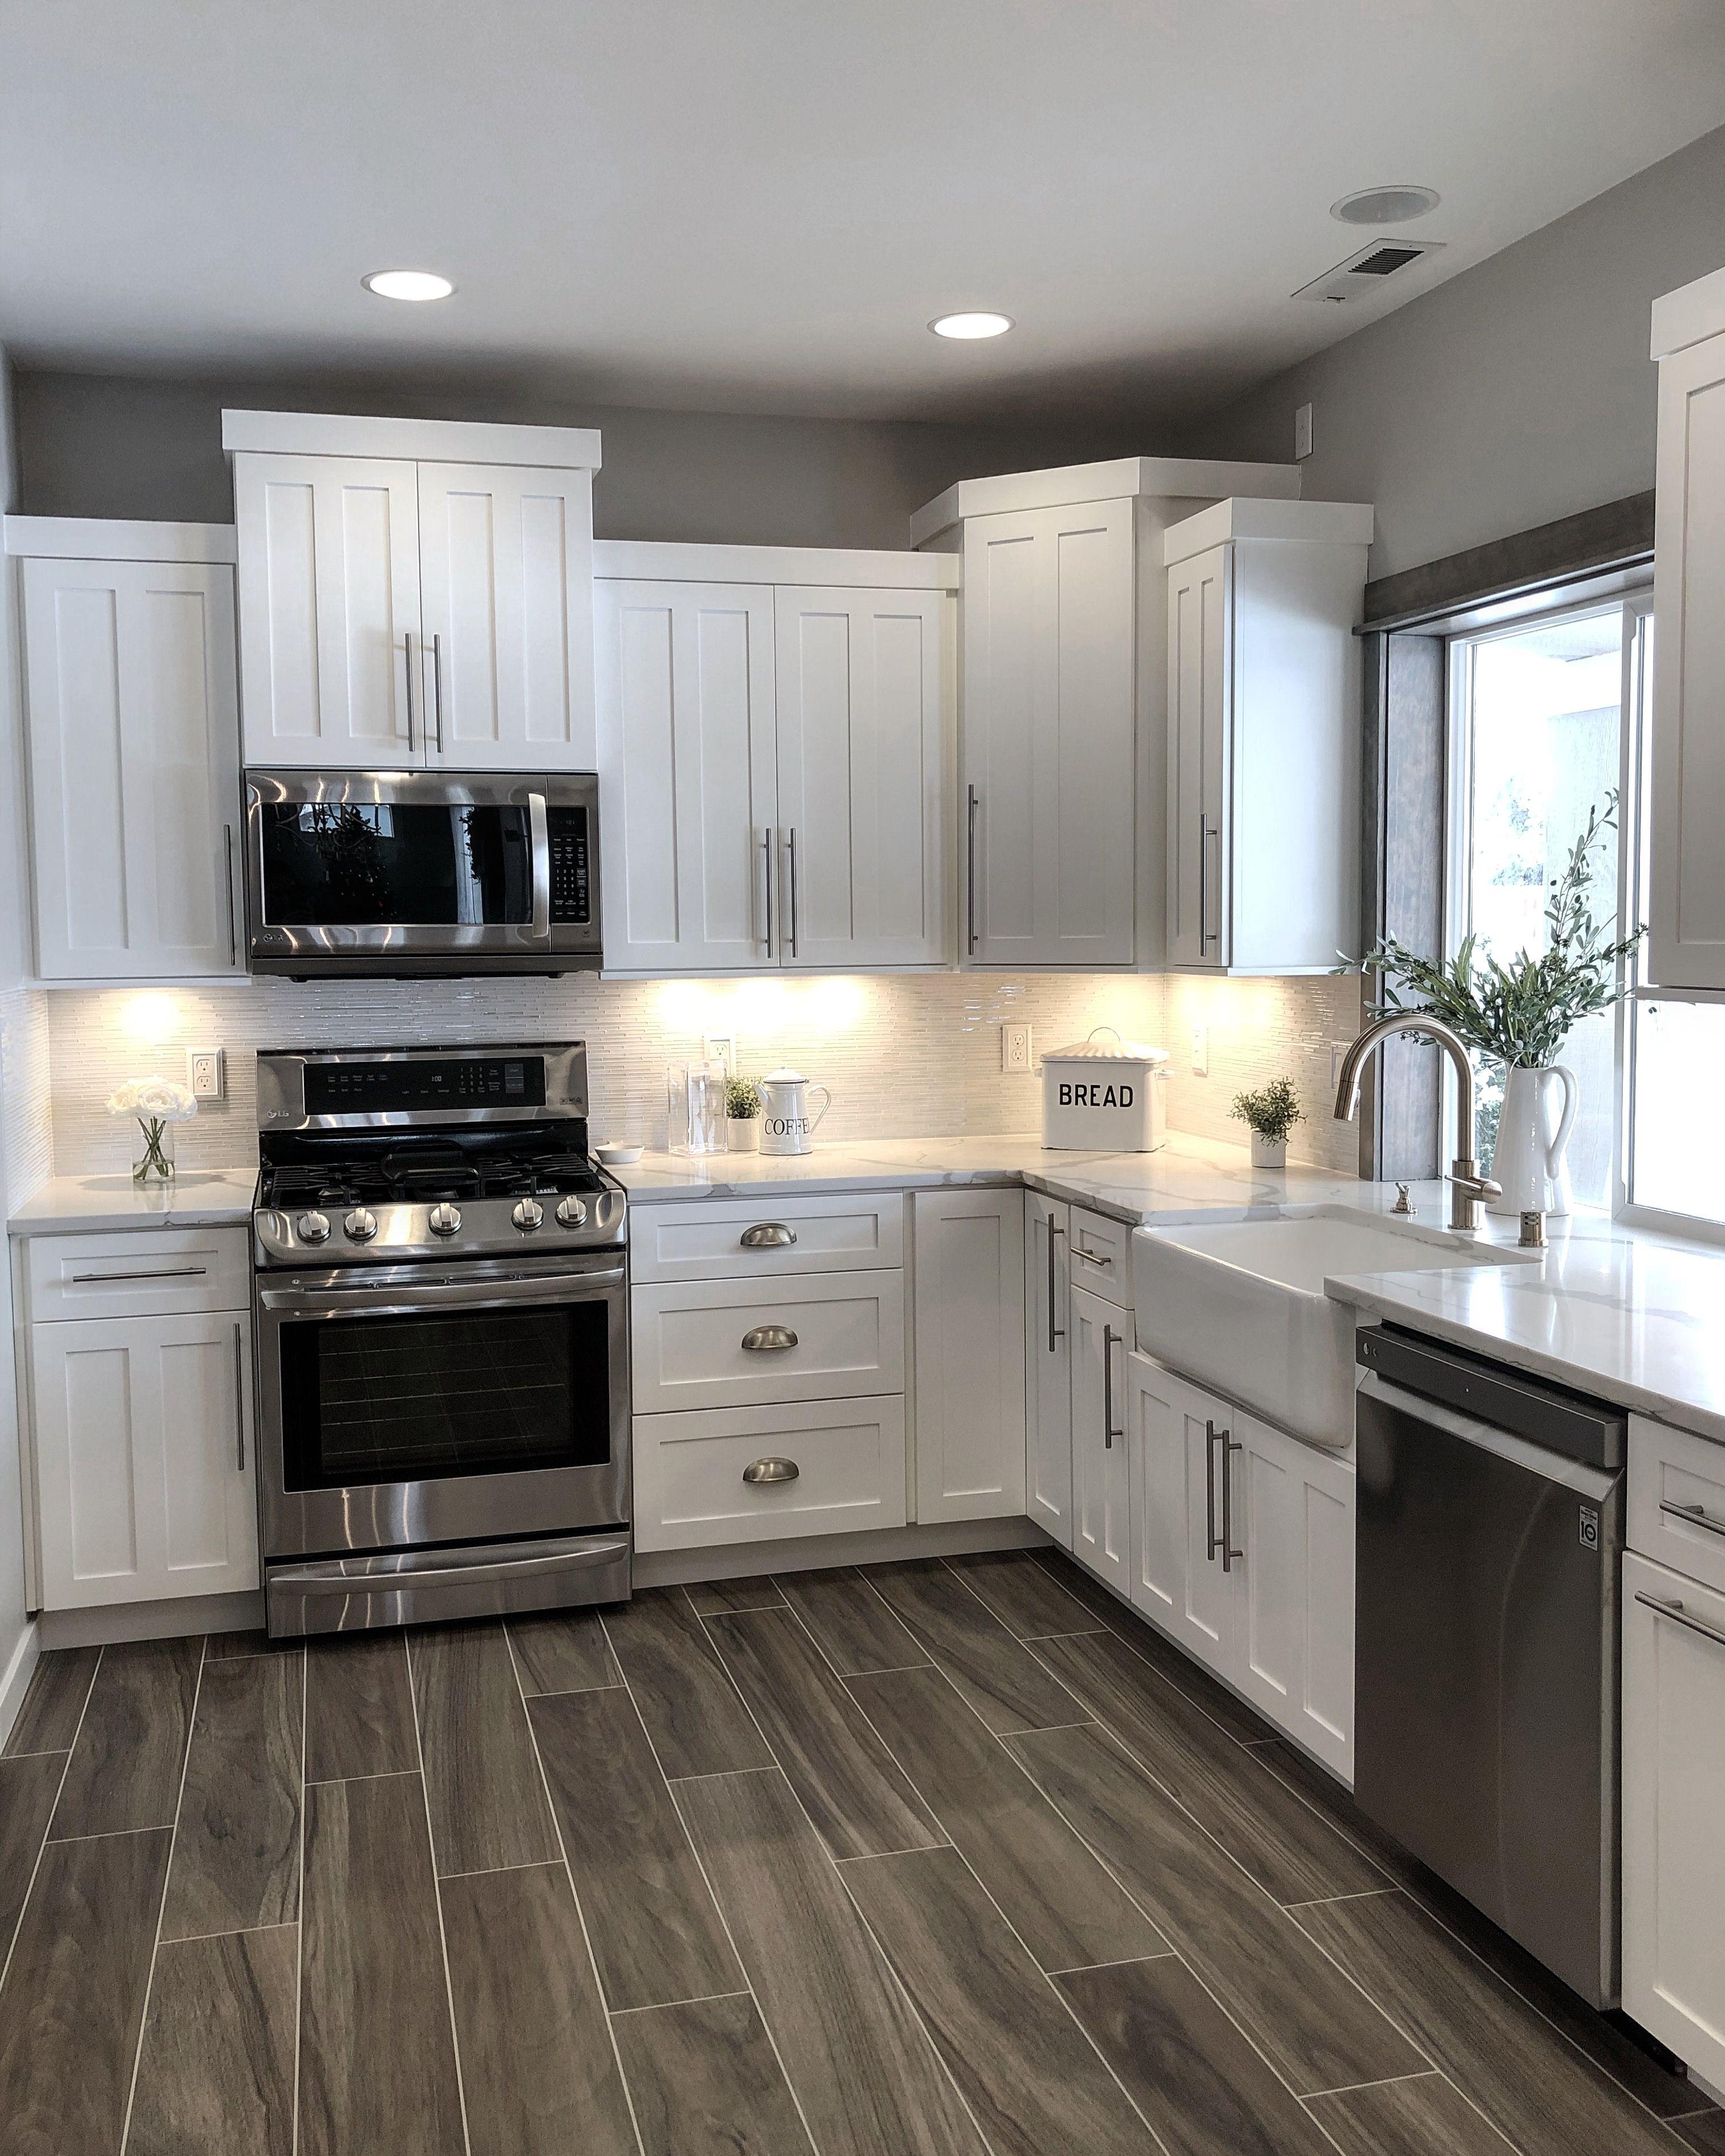 Colores de moda para pintar la cocina decora online - Pintar encimera cocina ...